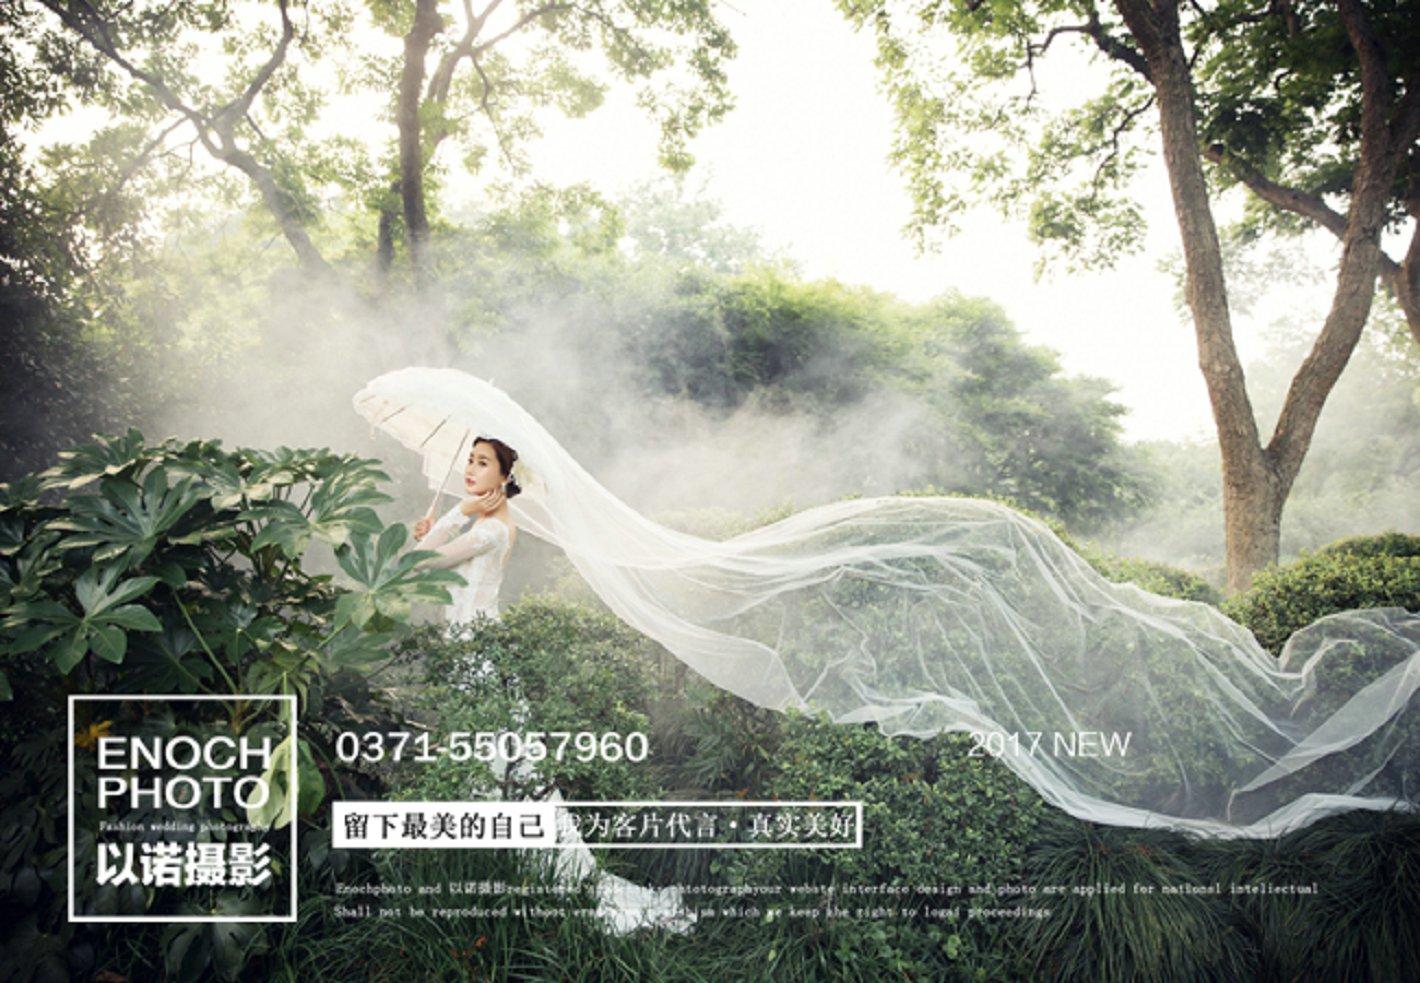 拍婚海景婚纱照,不仅仅是为了拍照而拍照,更是一种心灵的享受.